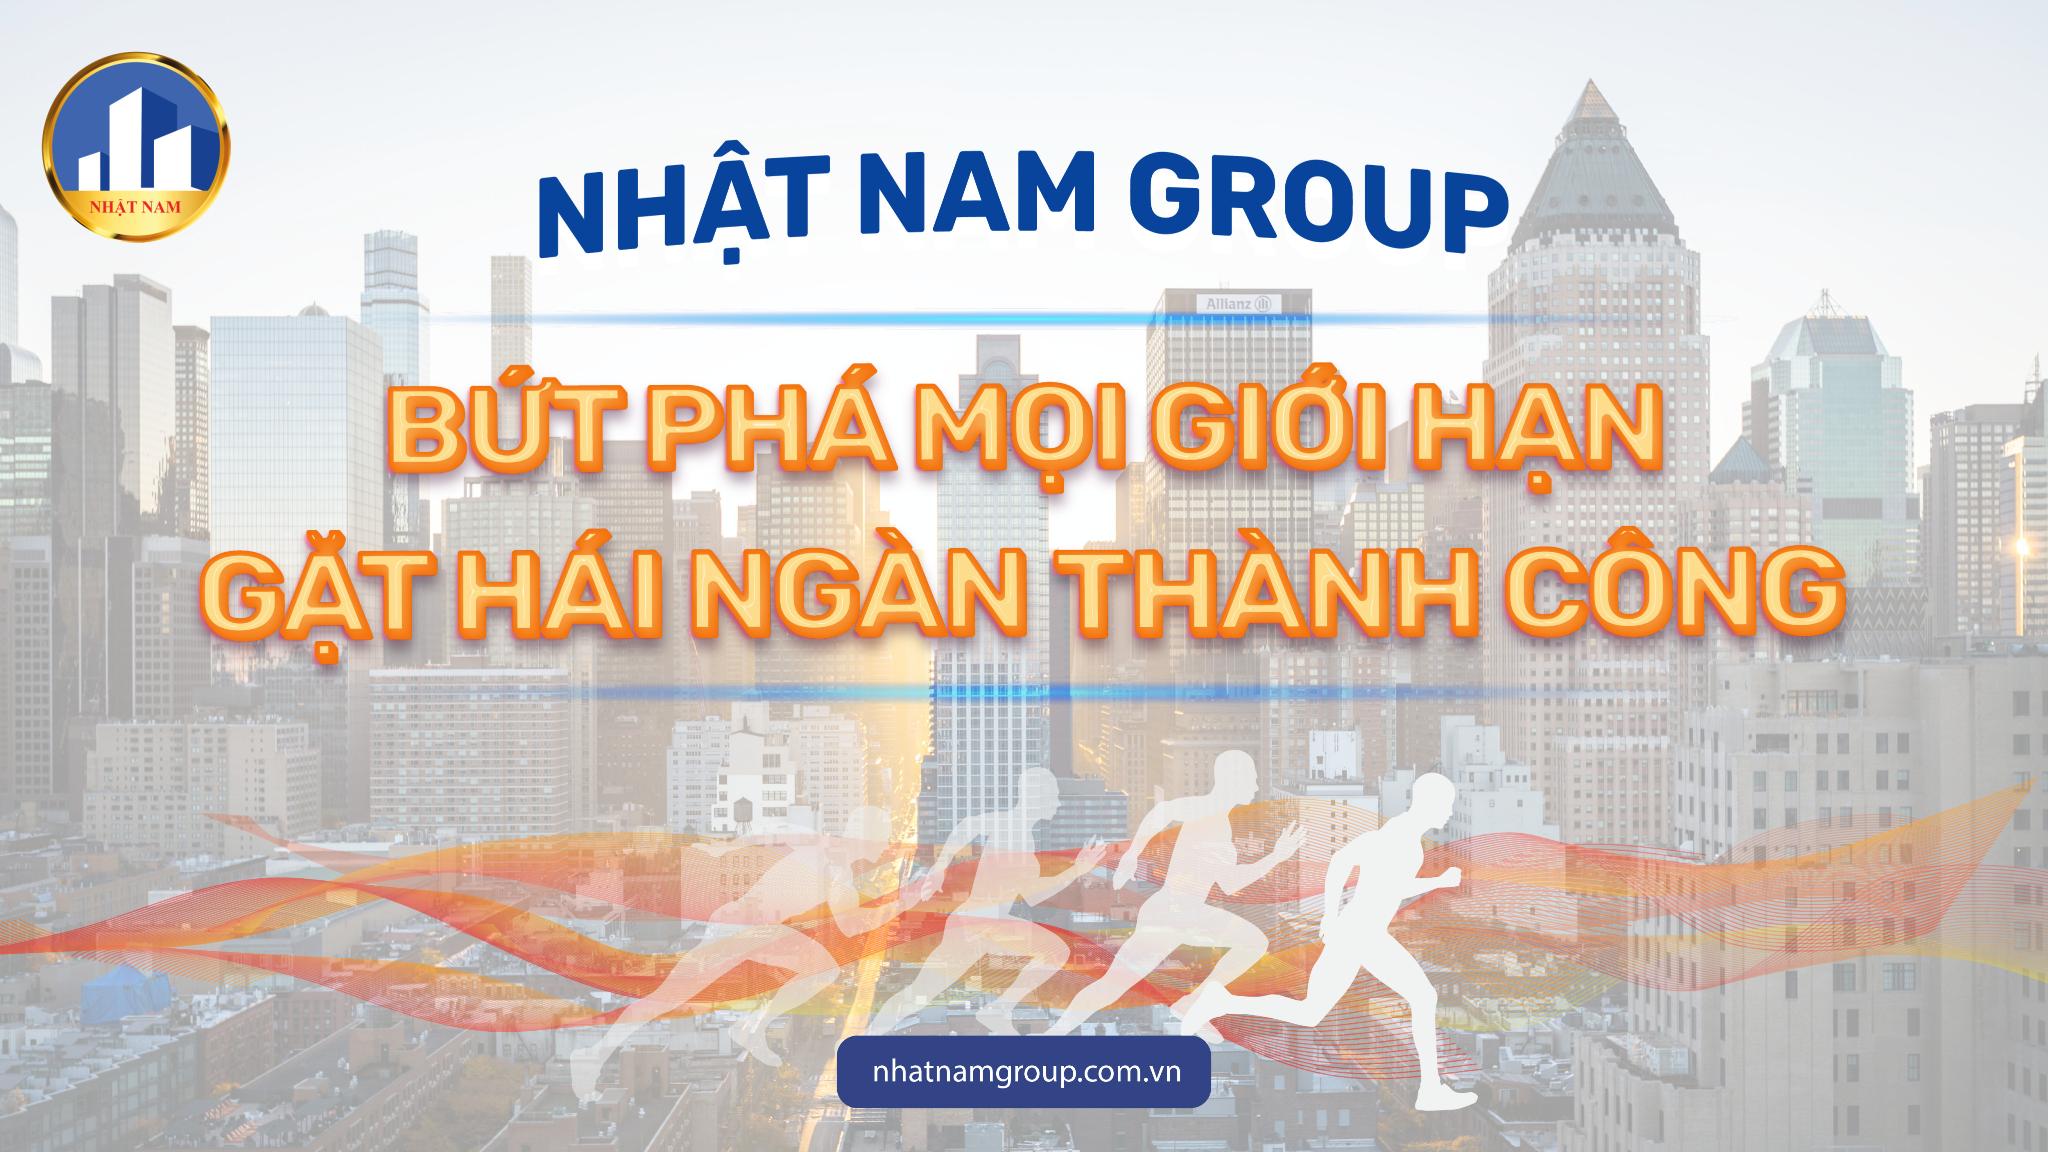 Nhật Nam Group với tâm thế vững vàng, kiến tạo tương lai